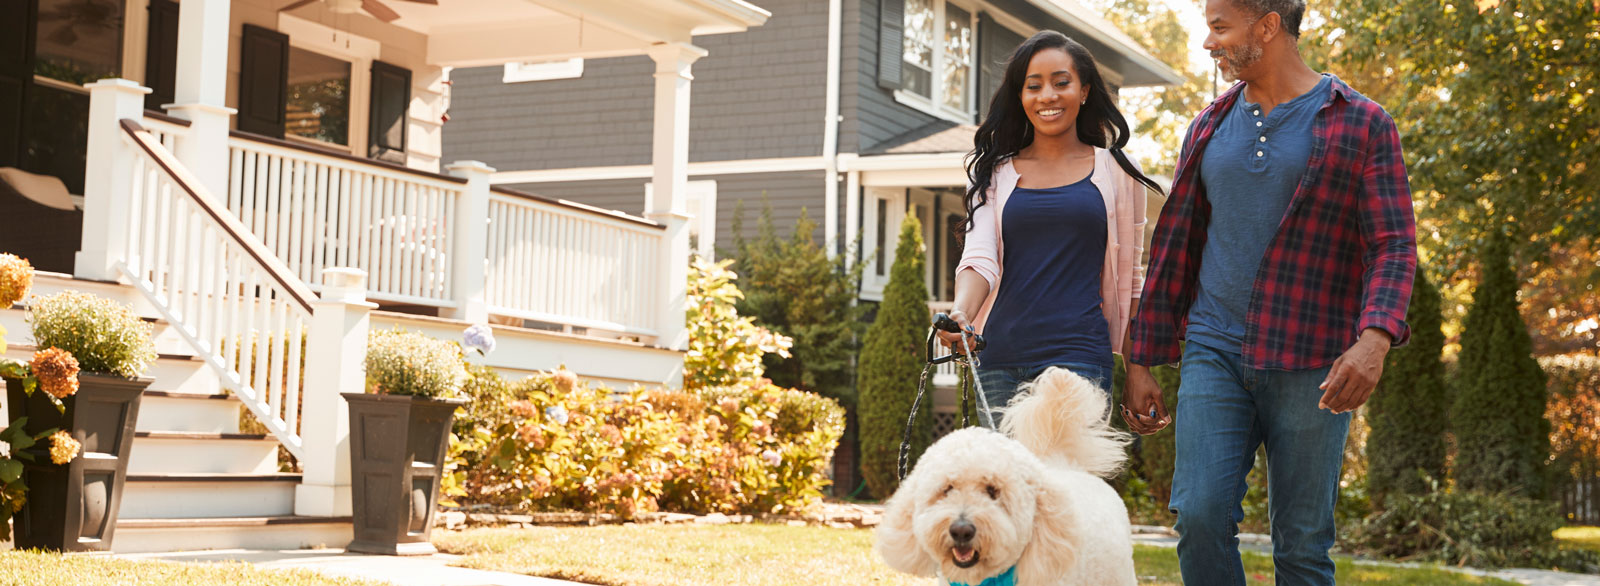 Couple walks dog through established neighborhood